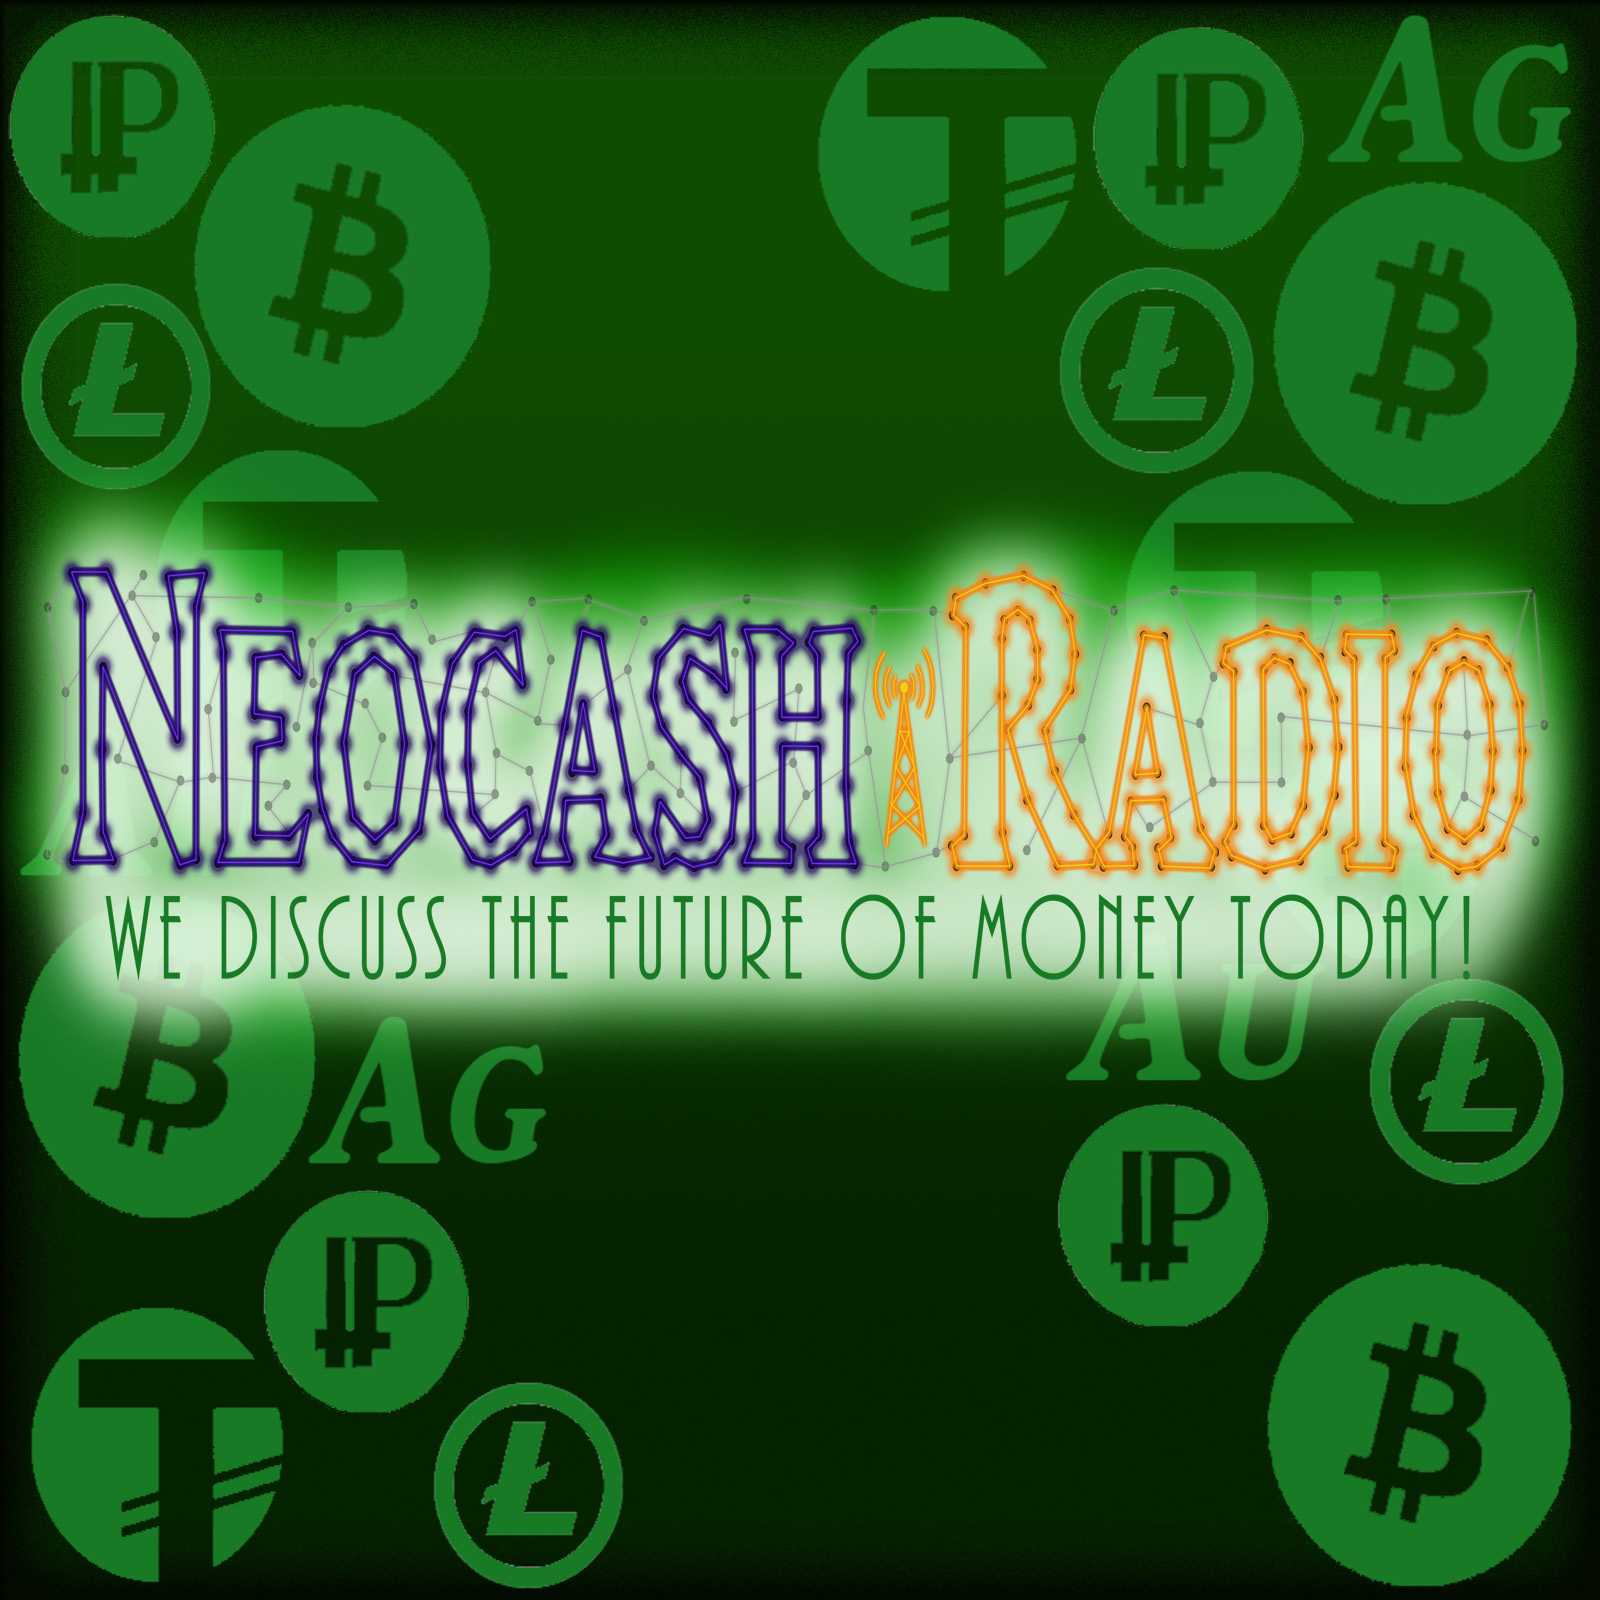 Neocash Radio - Episode 116